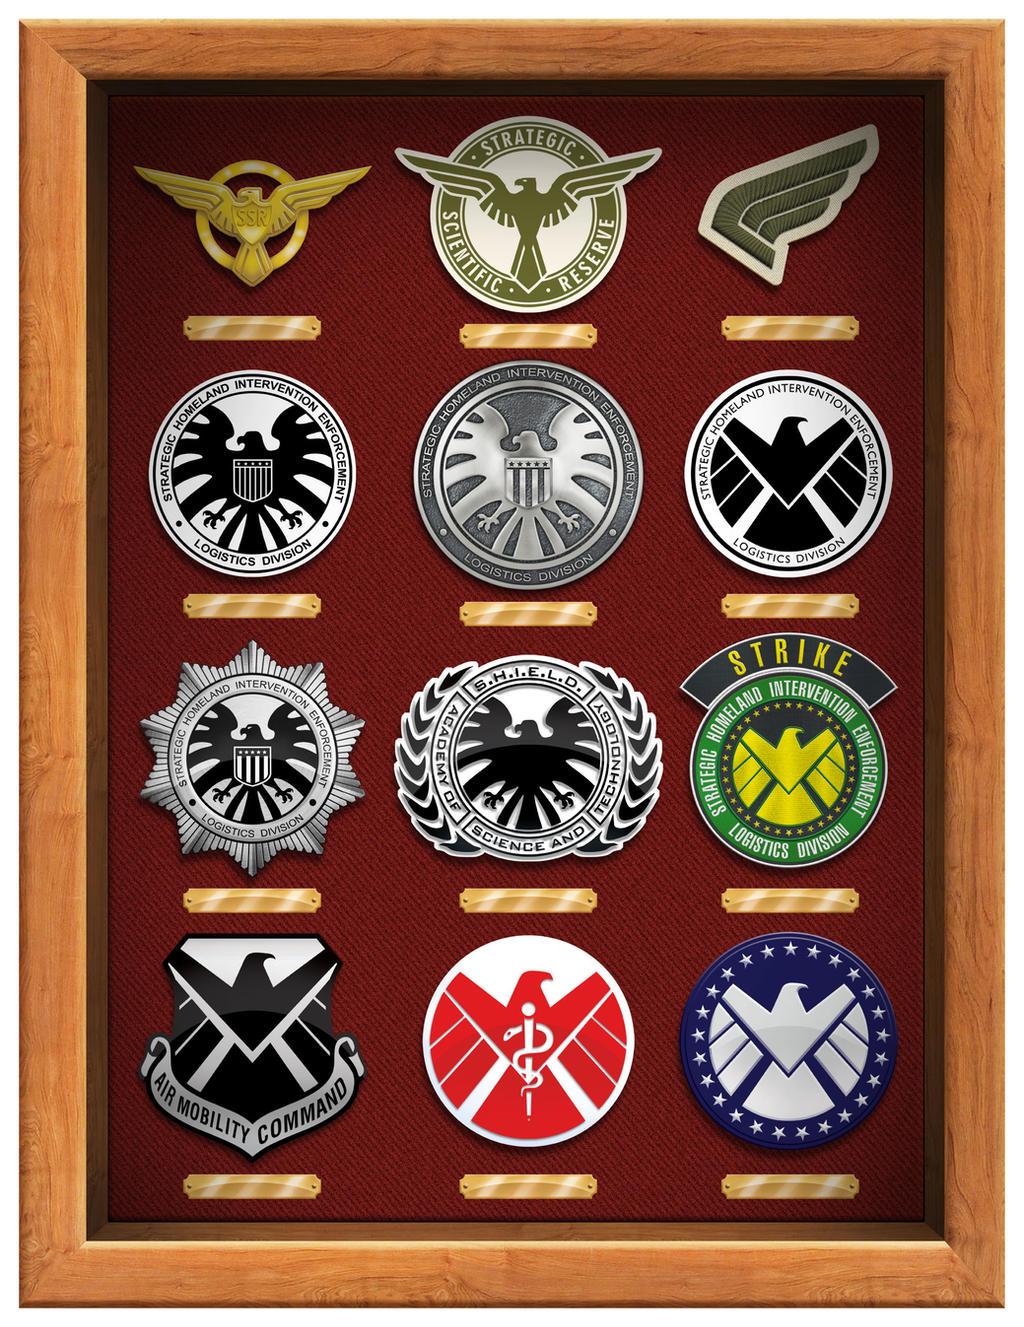 Marvel SHIELD logos by Dom-Graphcom on DeviantArt